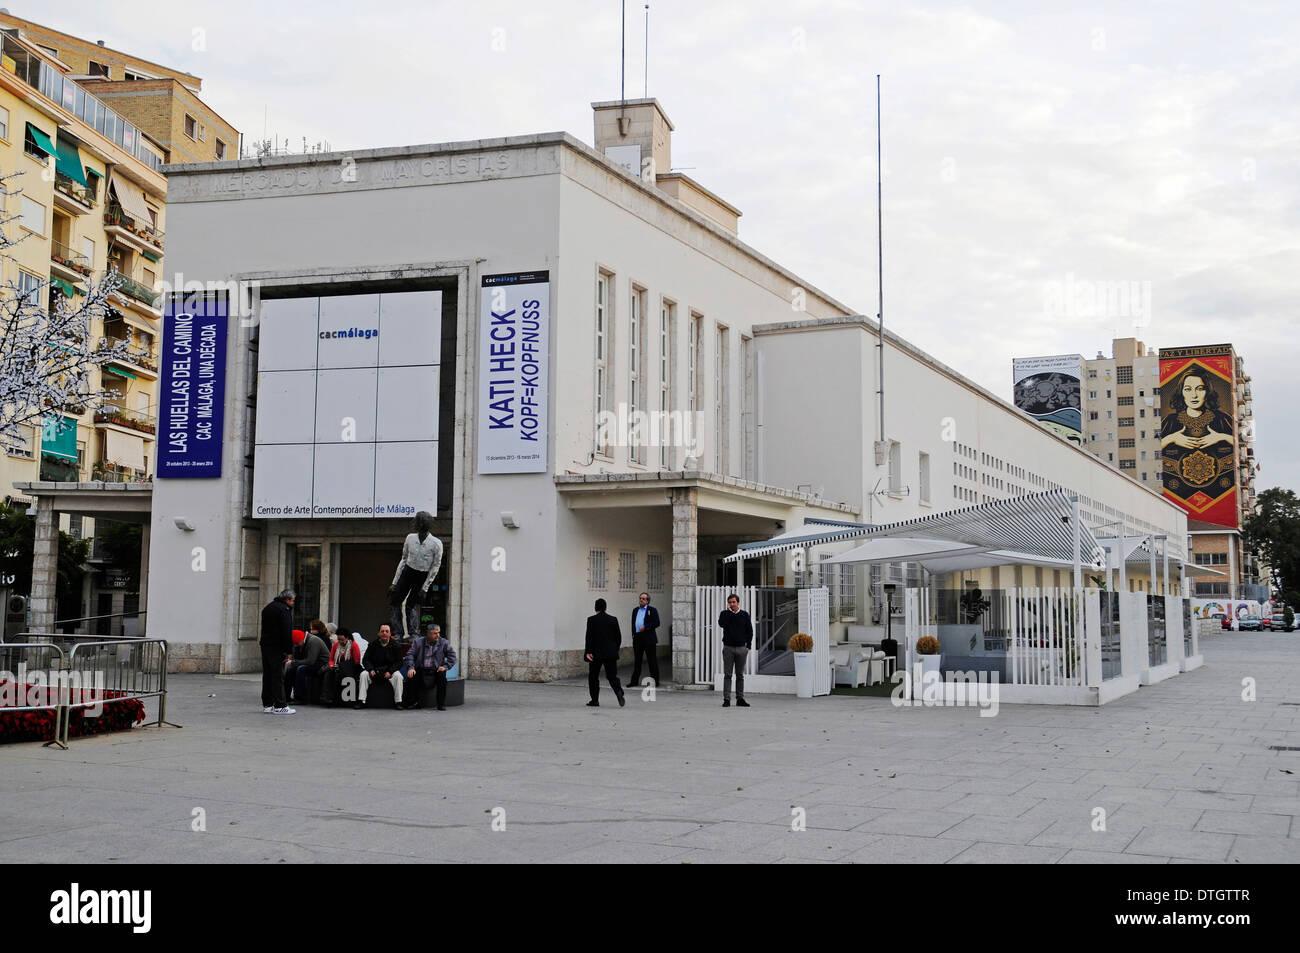 Centro de Arte Contemporaneo, centre of contemporary art, Malaga, Málaga province, Andalusia, Spain - Stock Image